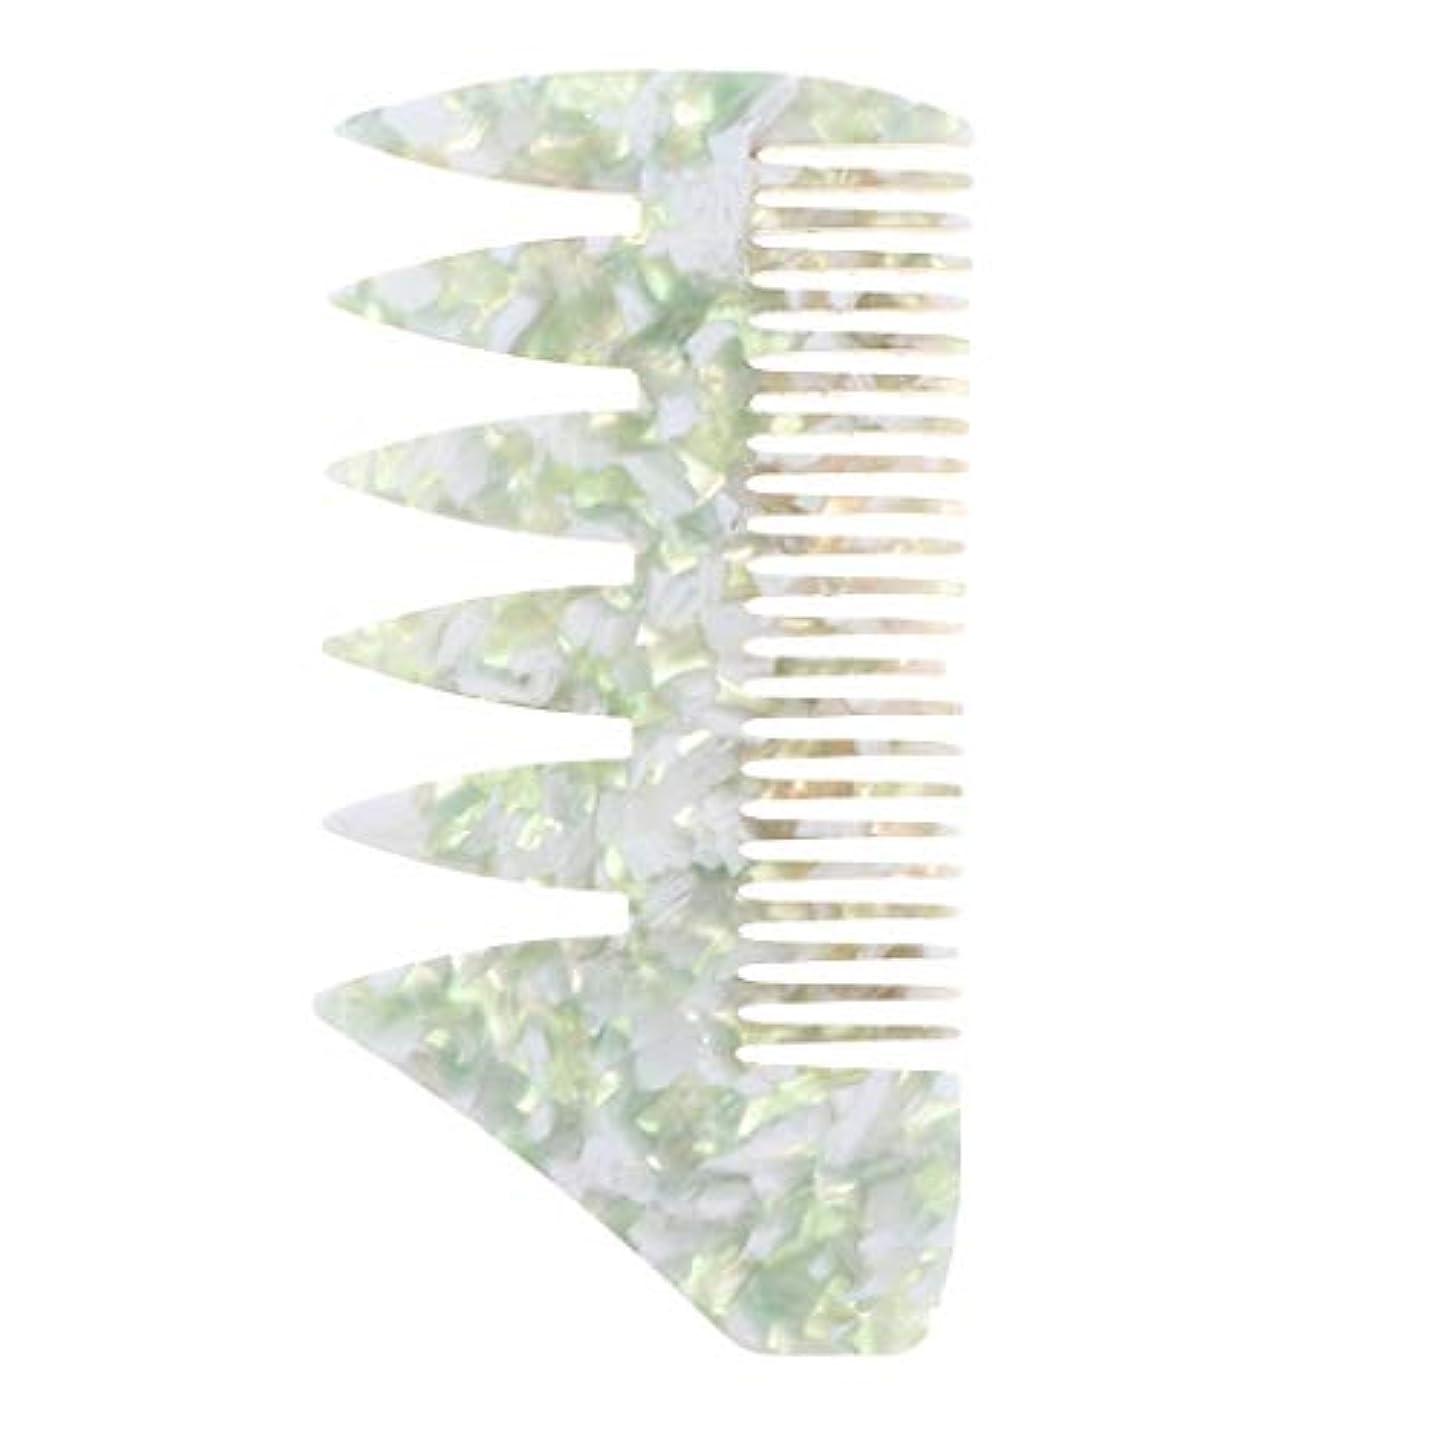 高さ傑出した退化する男性 ヘアピックコーム サロン 広い歯 ヘアスタイリングコーム 全4色 - 緑